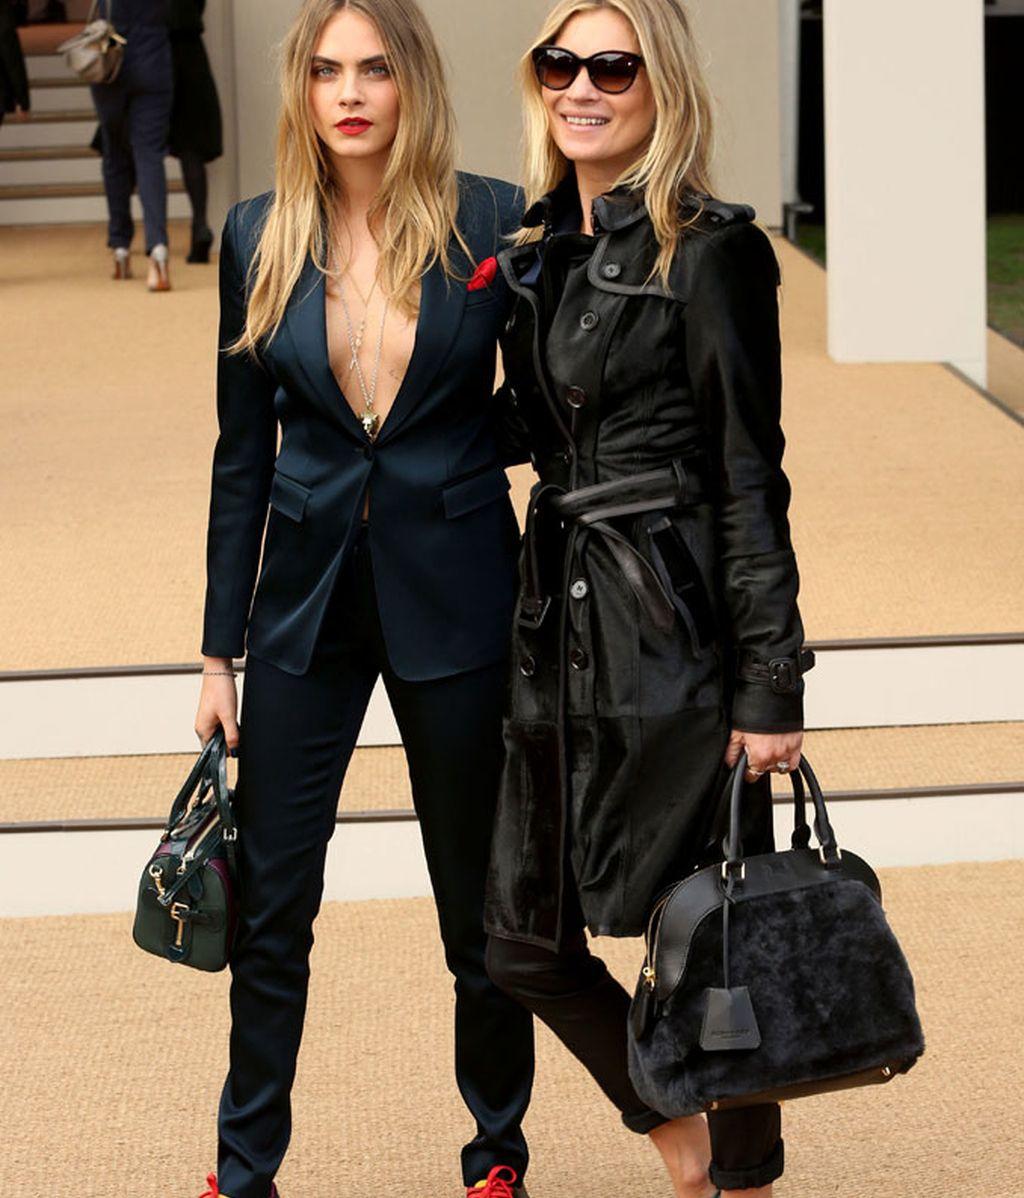 Cara y Kate, amigas y juntas por una campaña mítica, gran pelotazo fashion